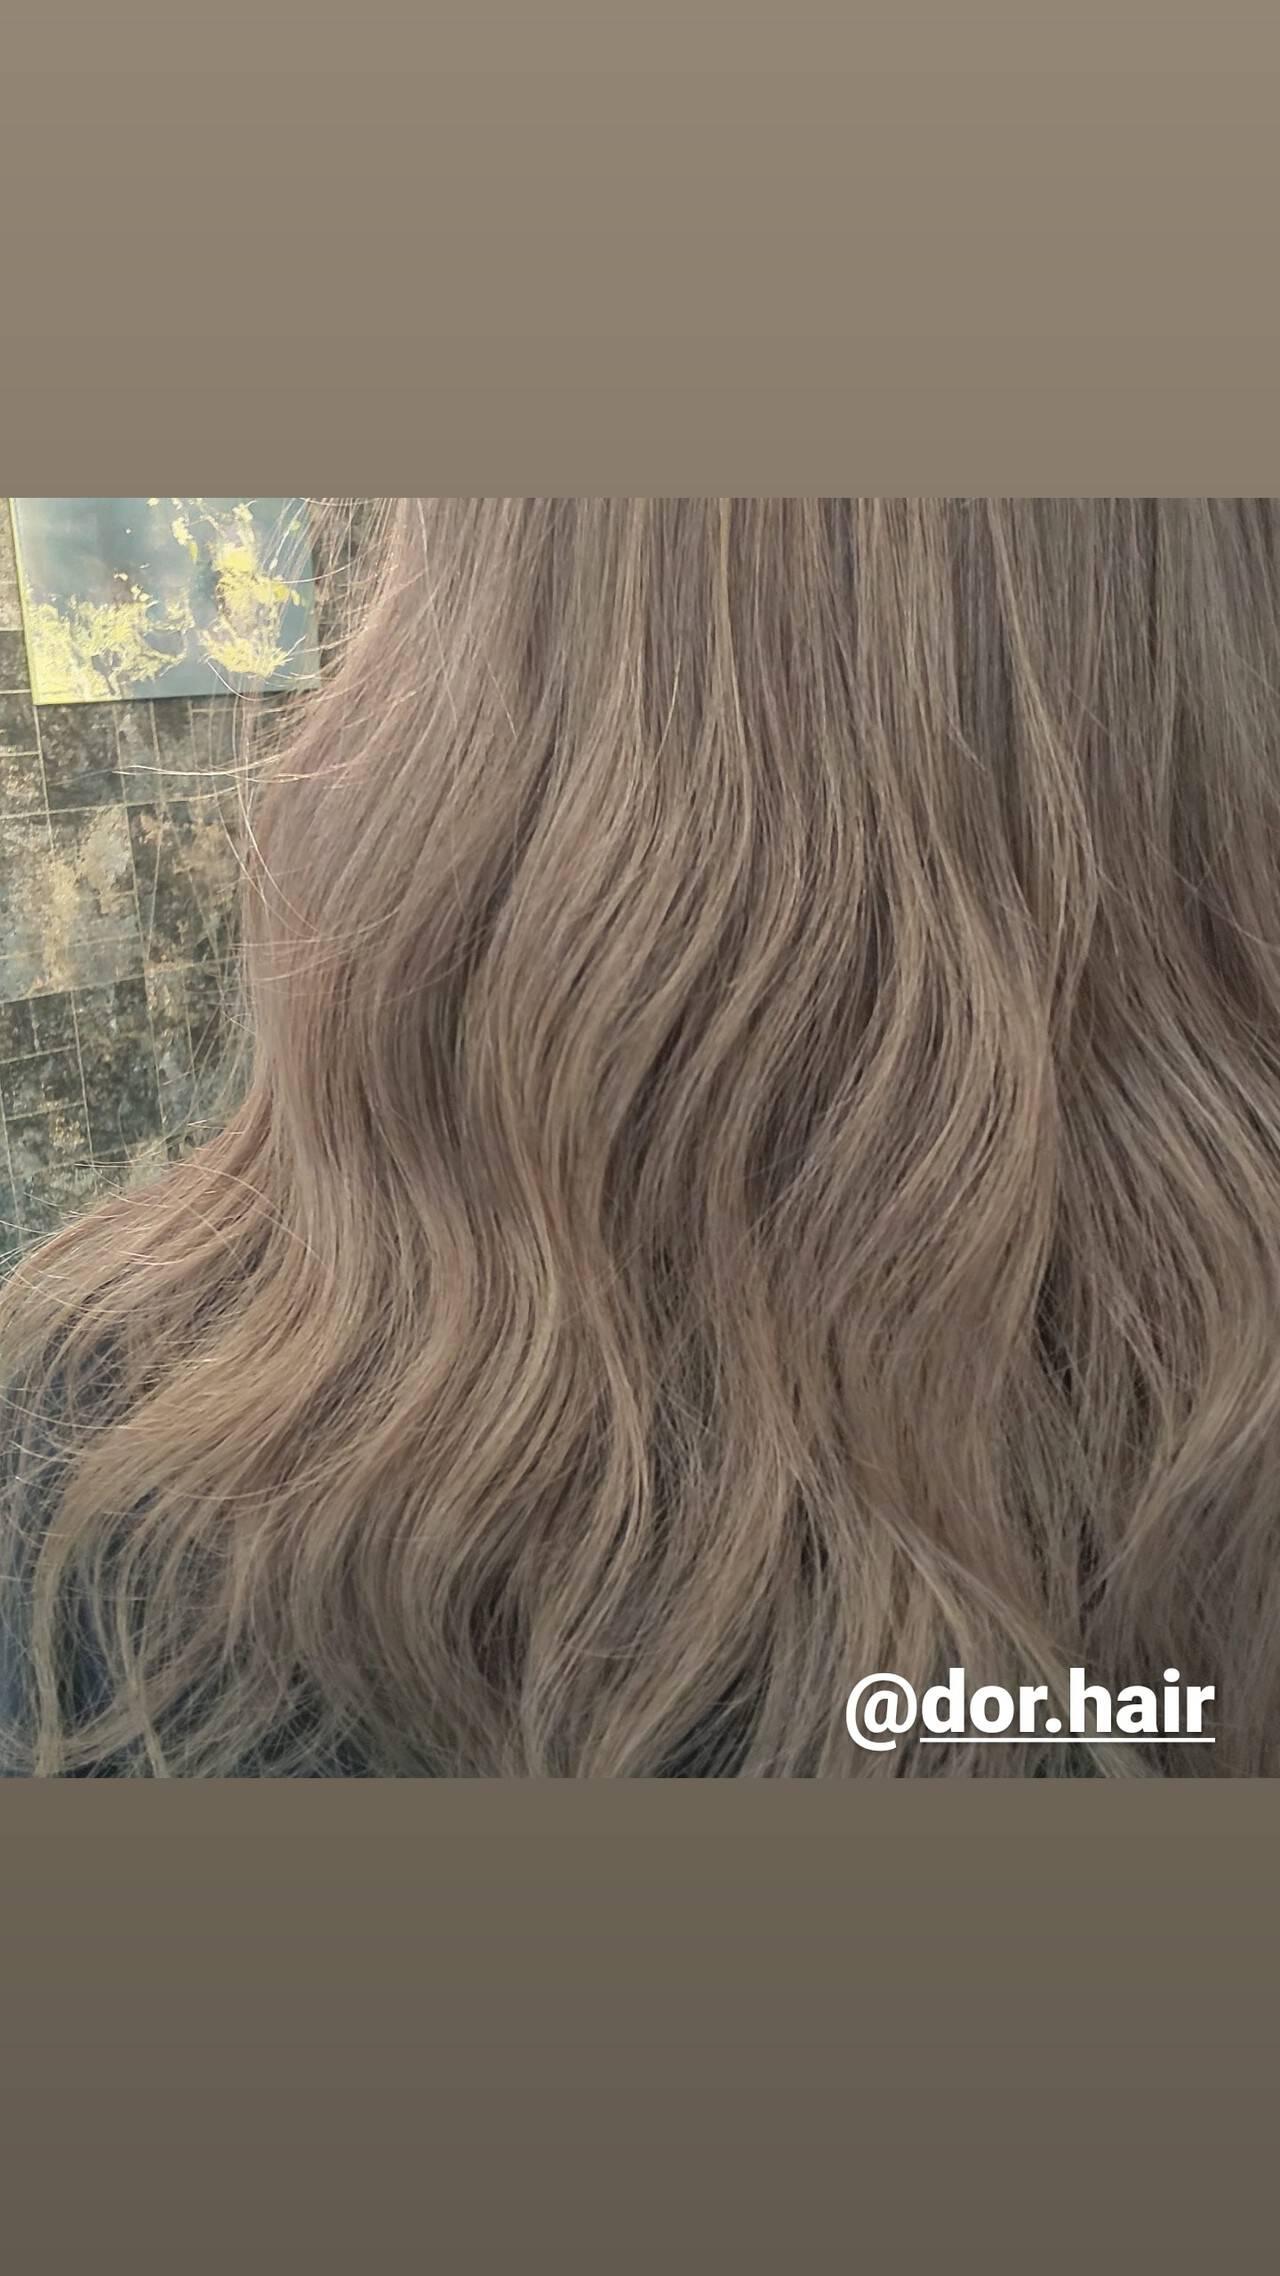 ロング ナチュラル ミルクティーグレージュ シルバーグレージュヘアスタイルや髪型の写真・画像